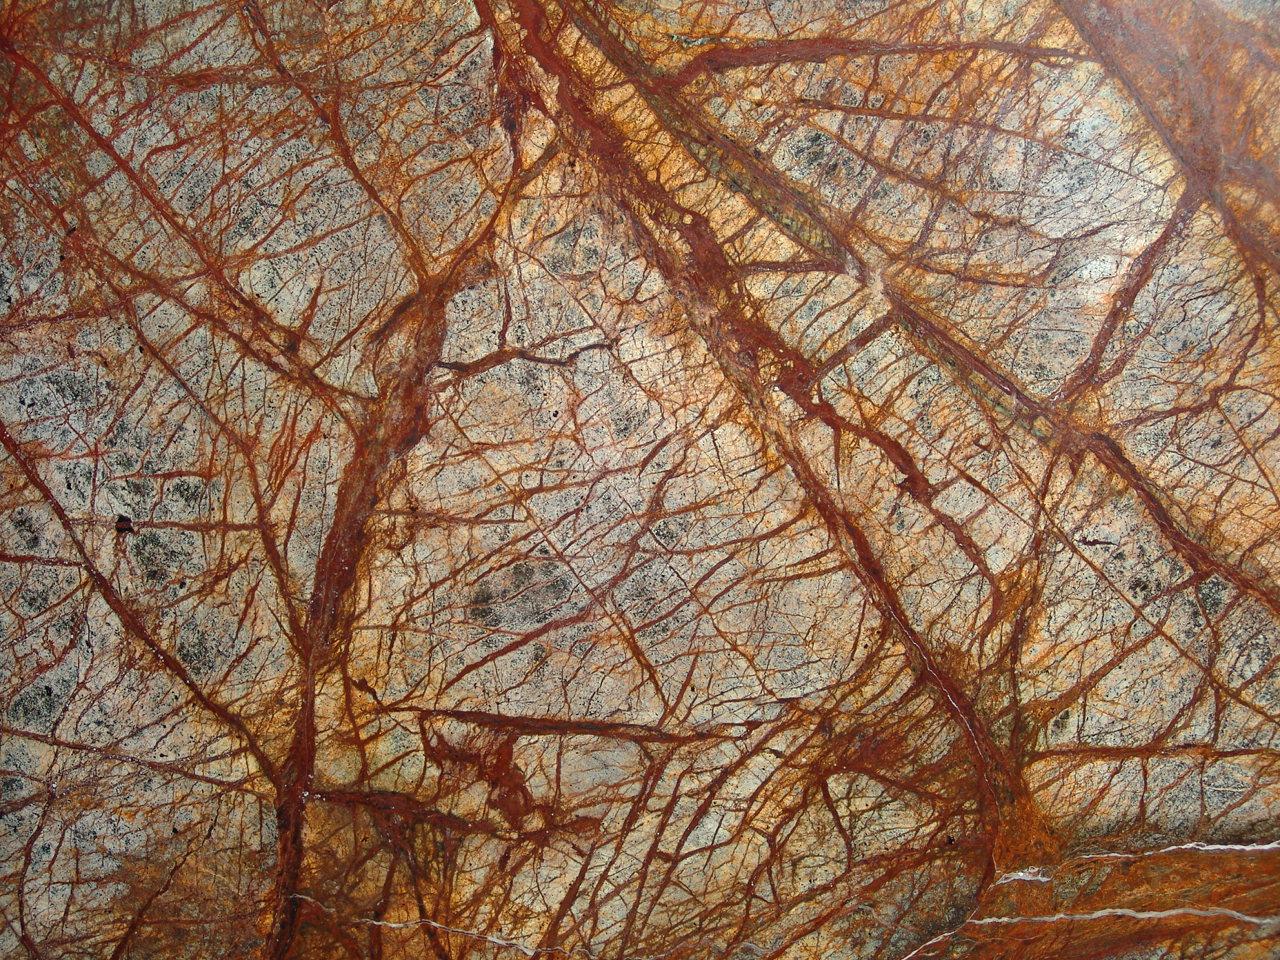 Rainforest Brown Marble : Image picture photo di marmi macchiavecchia